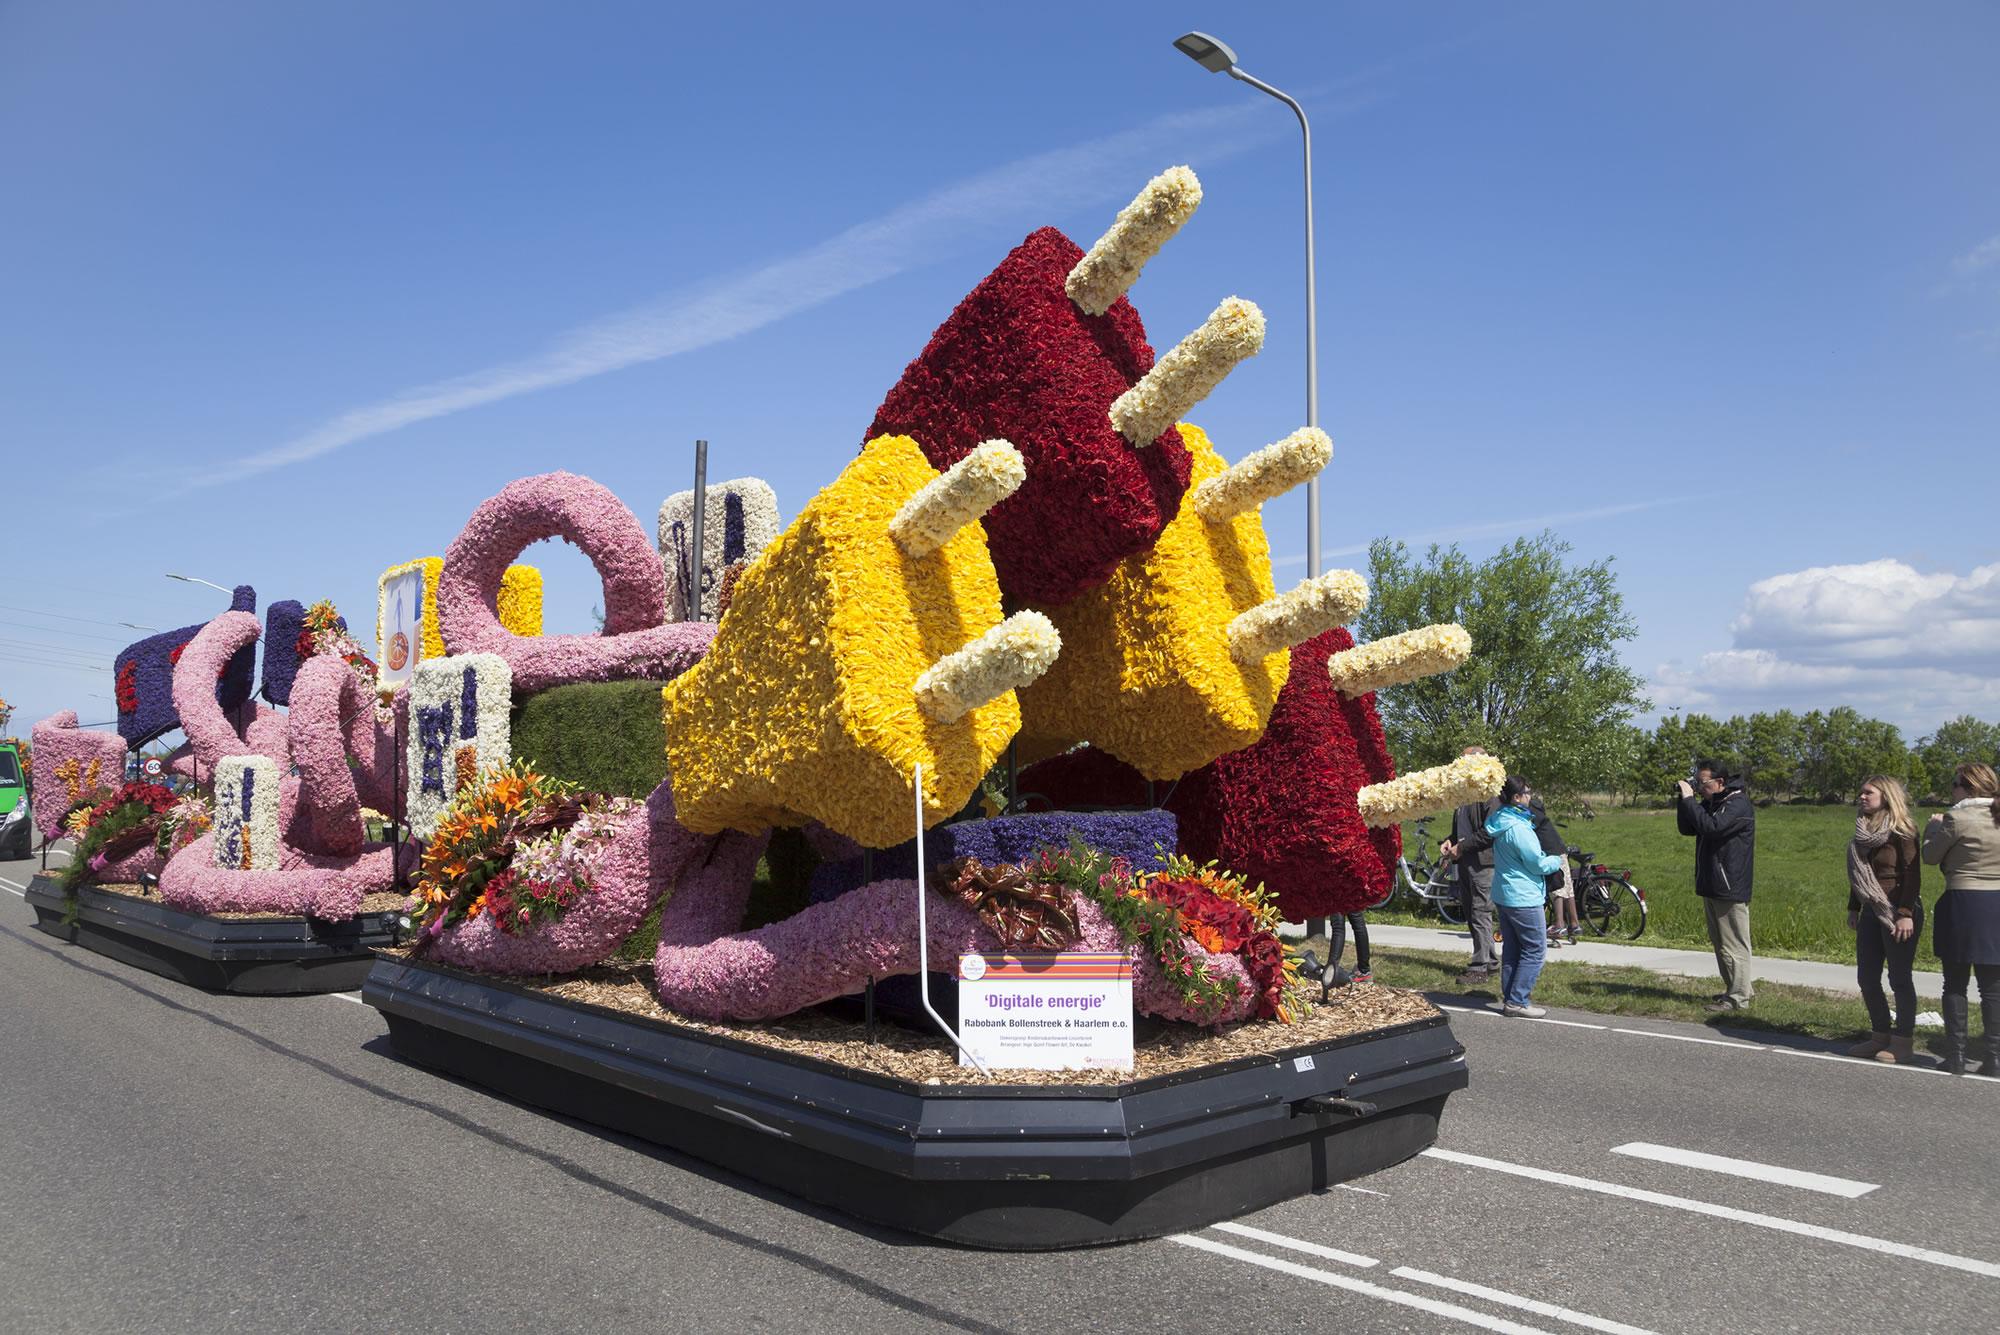 Visit Holland's Tulip Festival